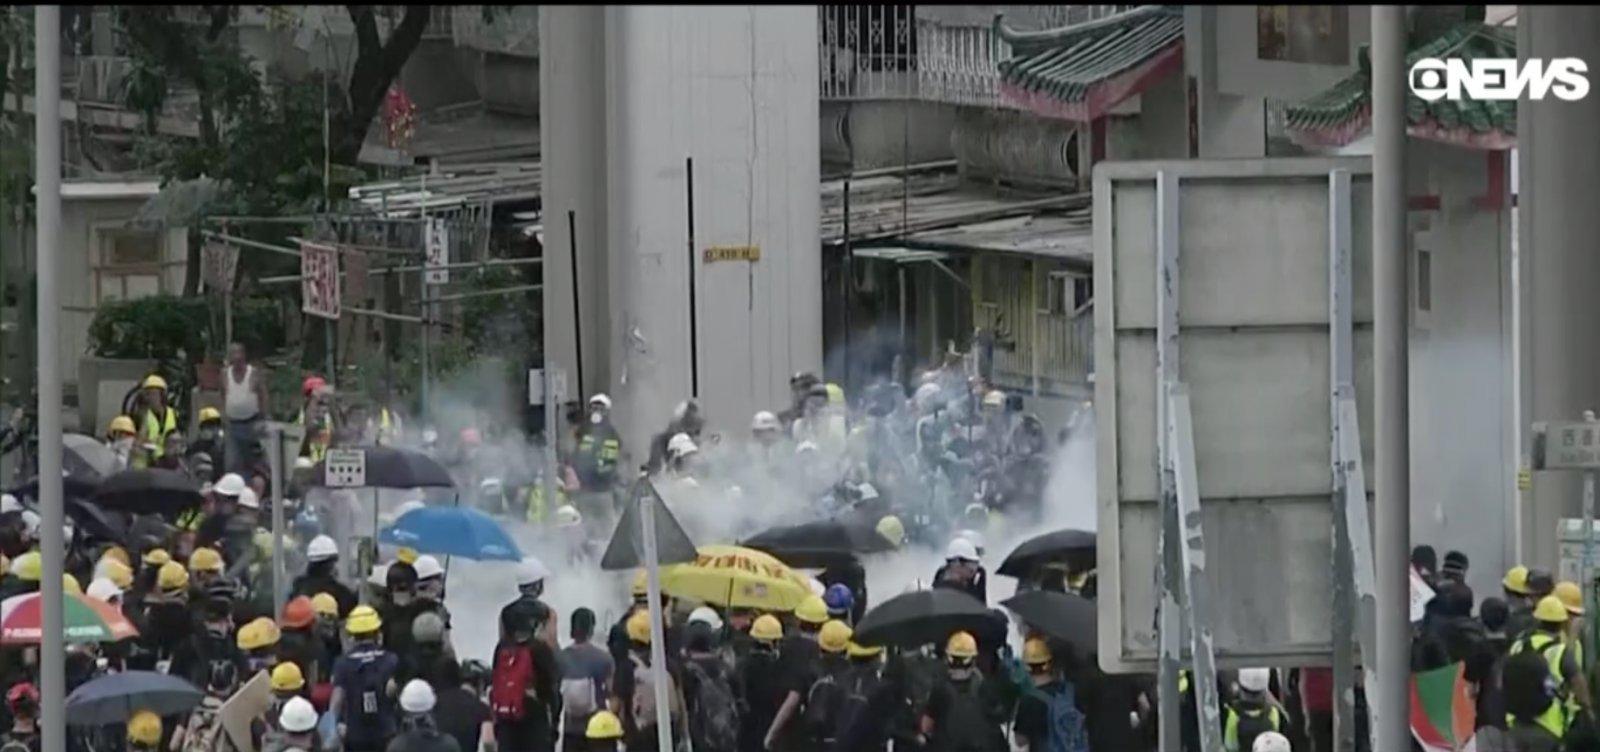 [Ativista é esfaqueado em Hong Kong]